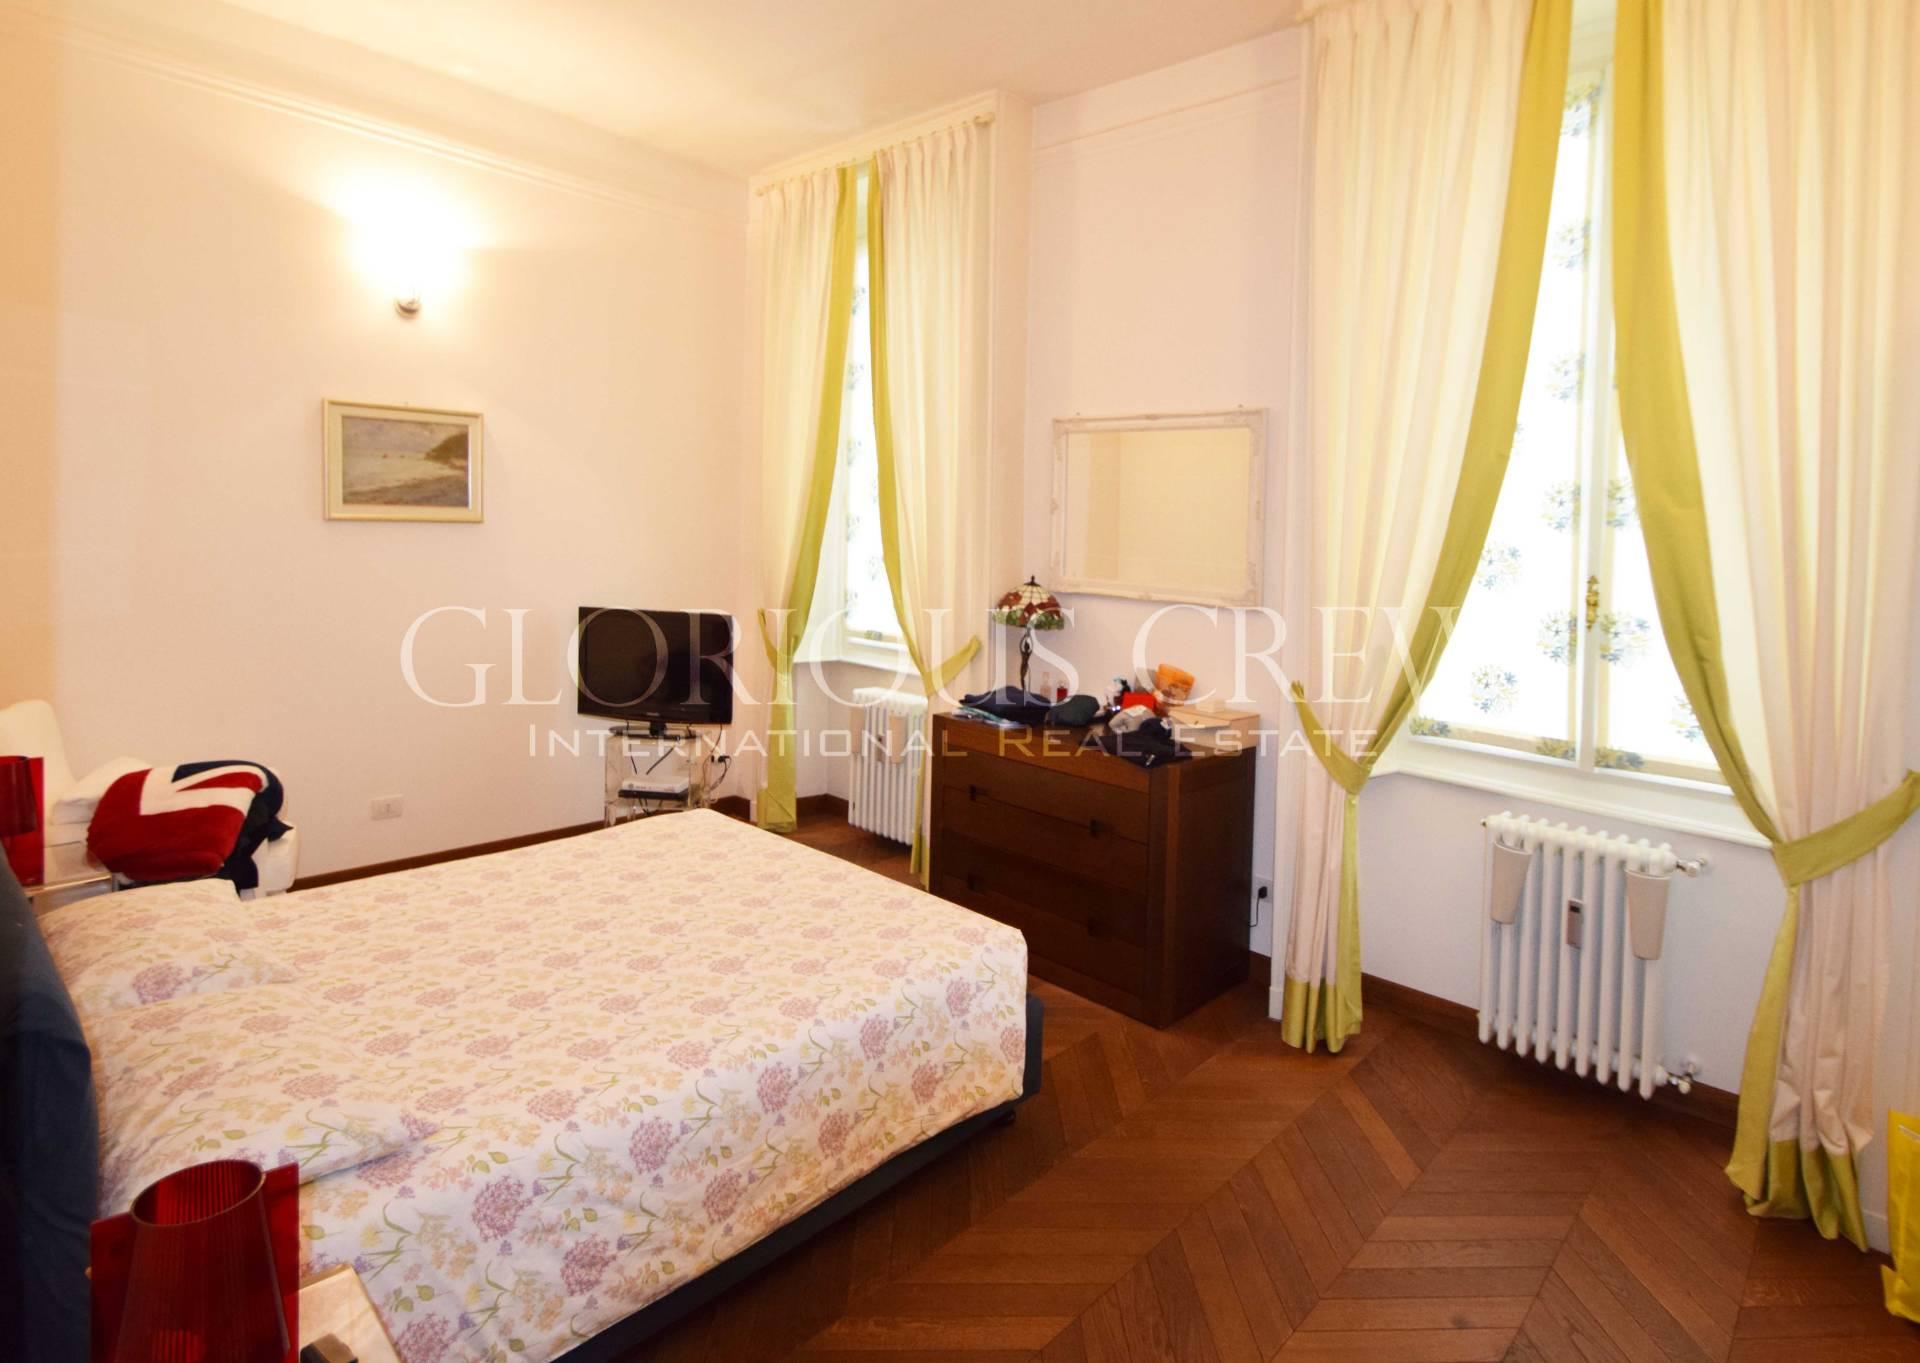 Appartamento in Vendita a Milano: 5 locali, 230 mq - Foto 4